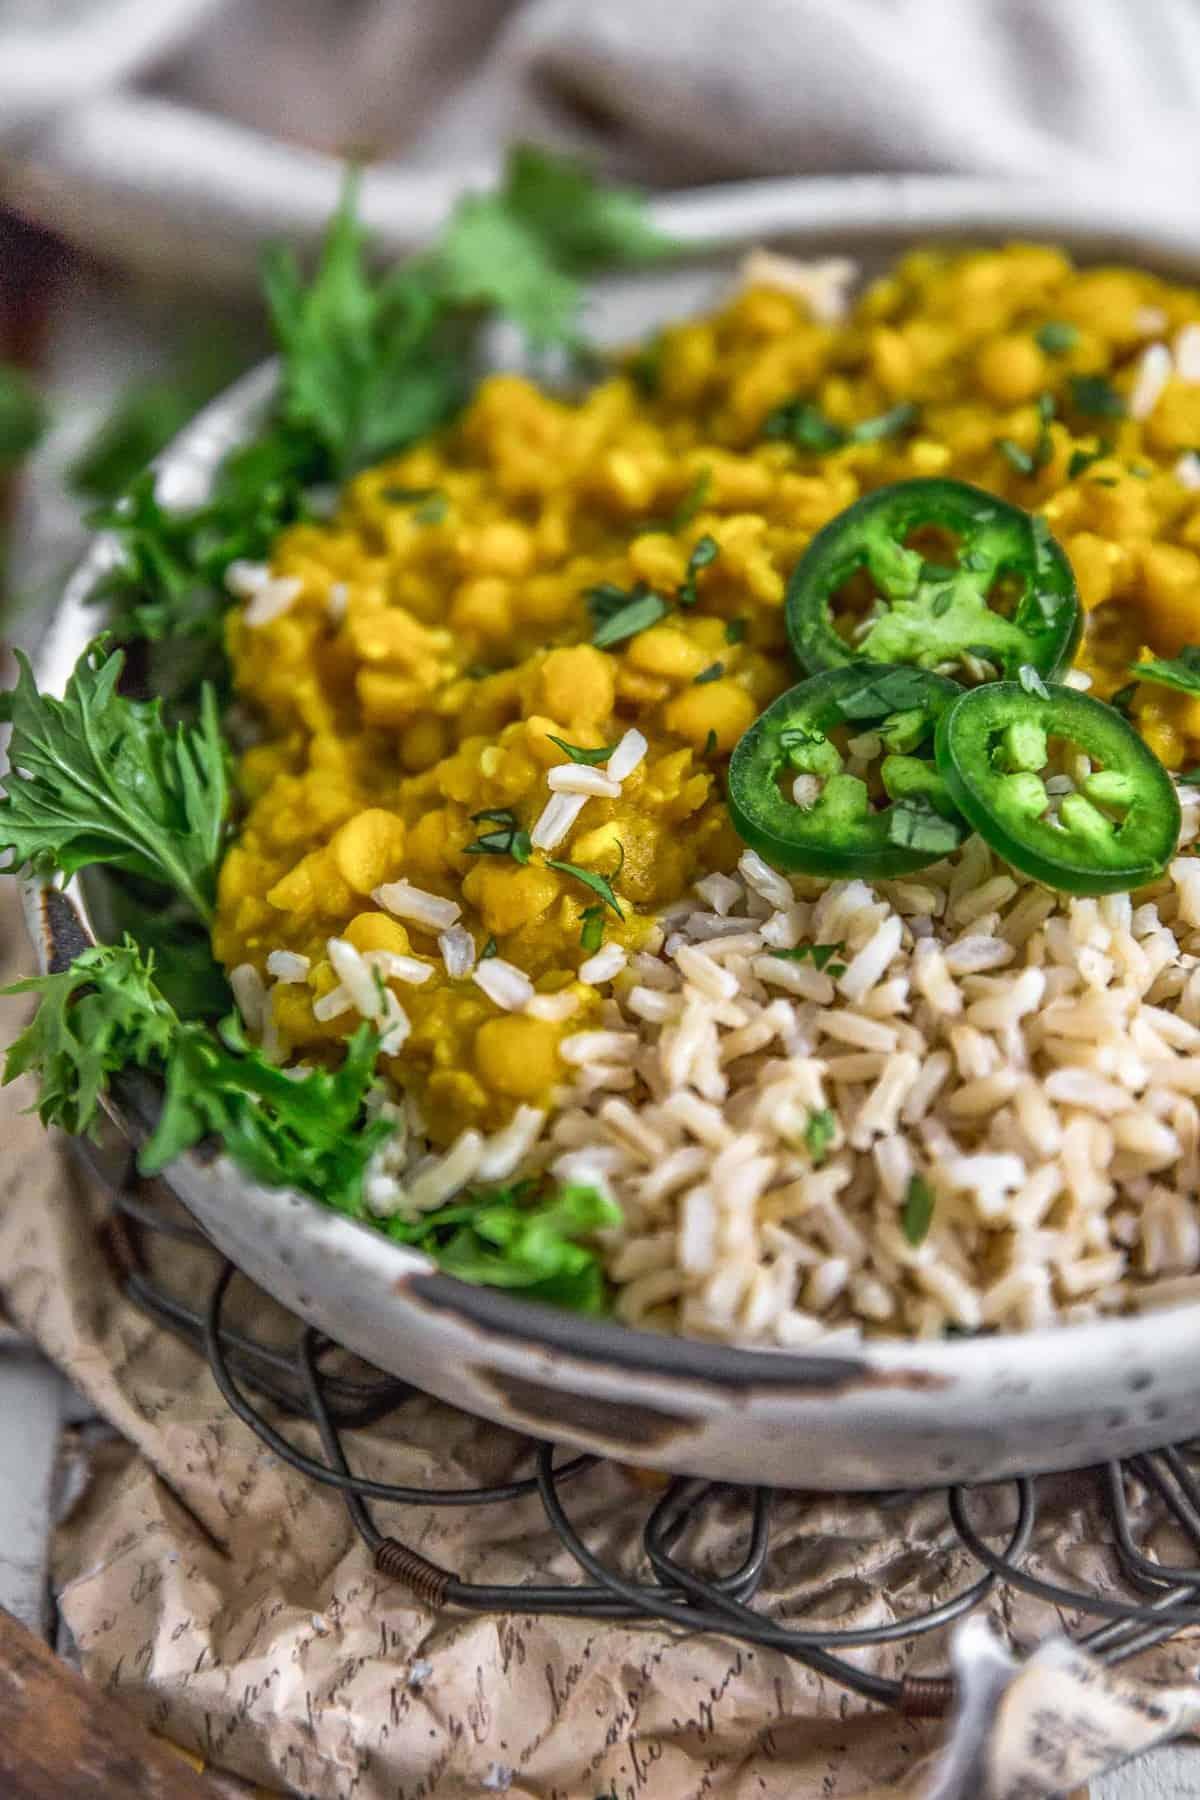 Ethiopian Yellow Split Pea Stew over rice